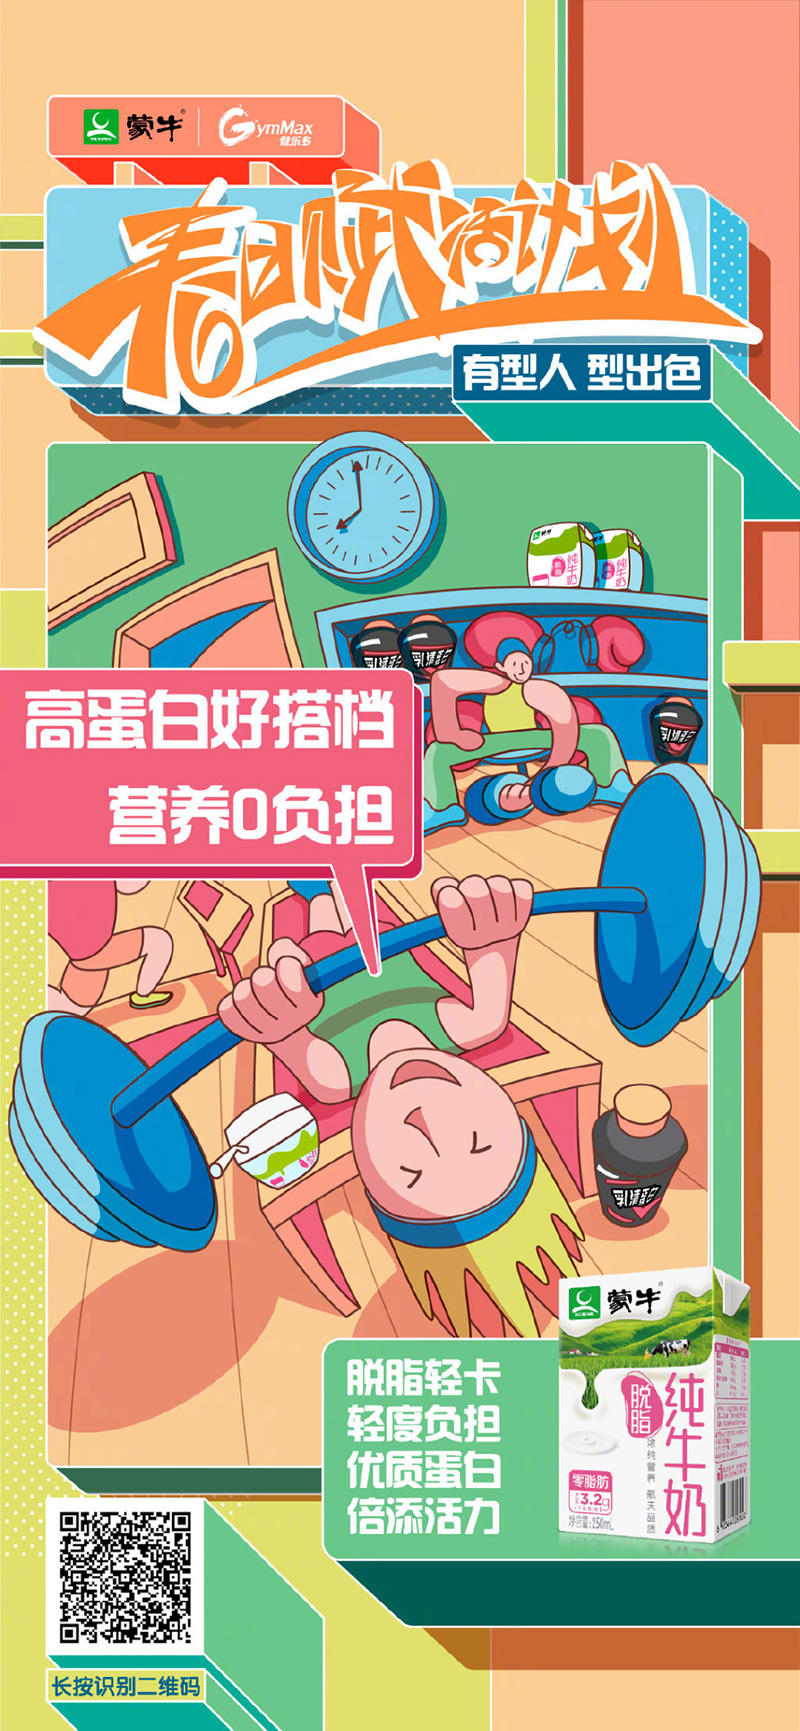 张力十足!14款插画营销海报设计